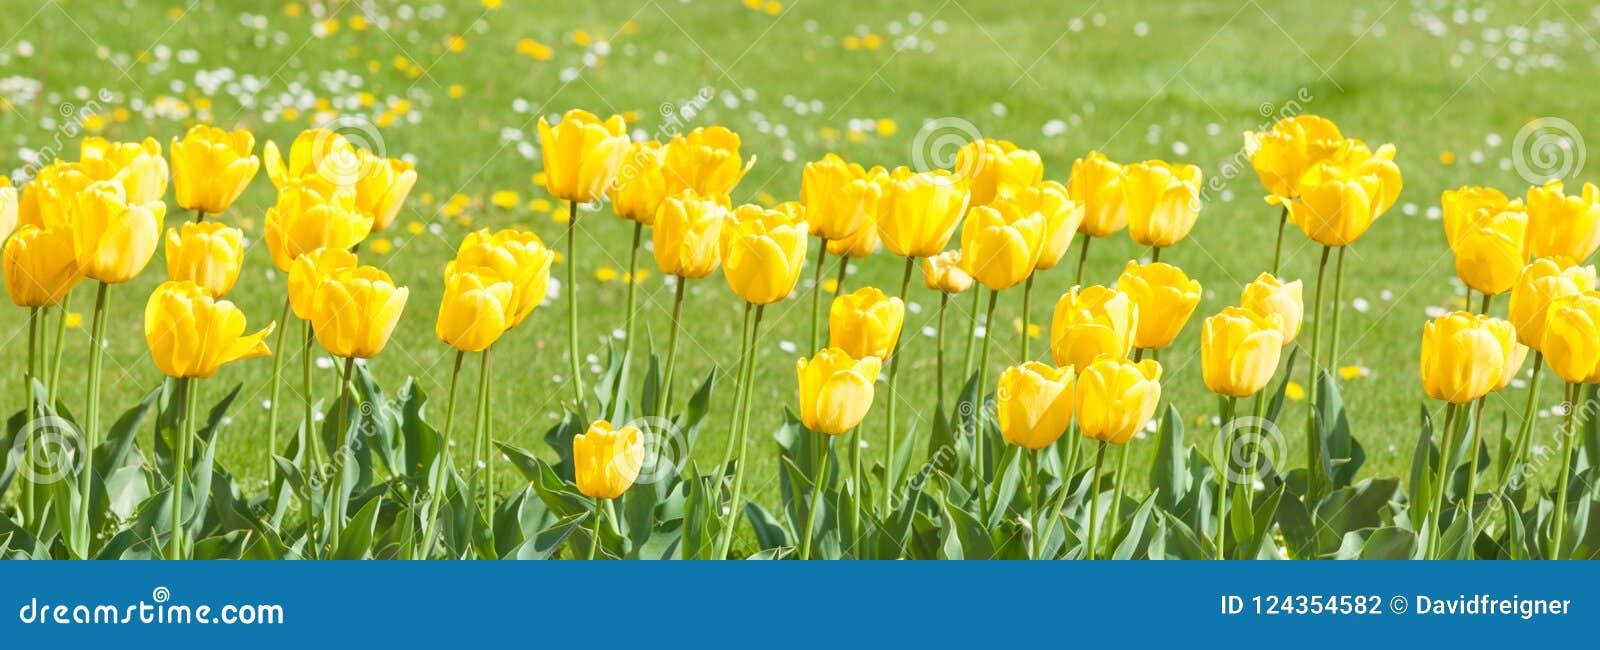 Tulipanu ogrodowy kolor żółty